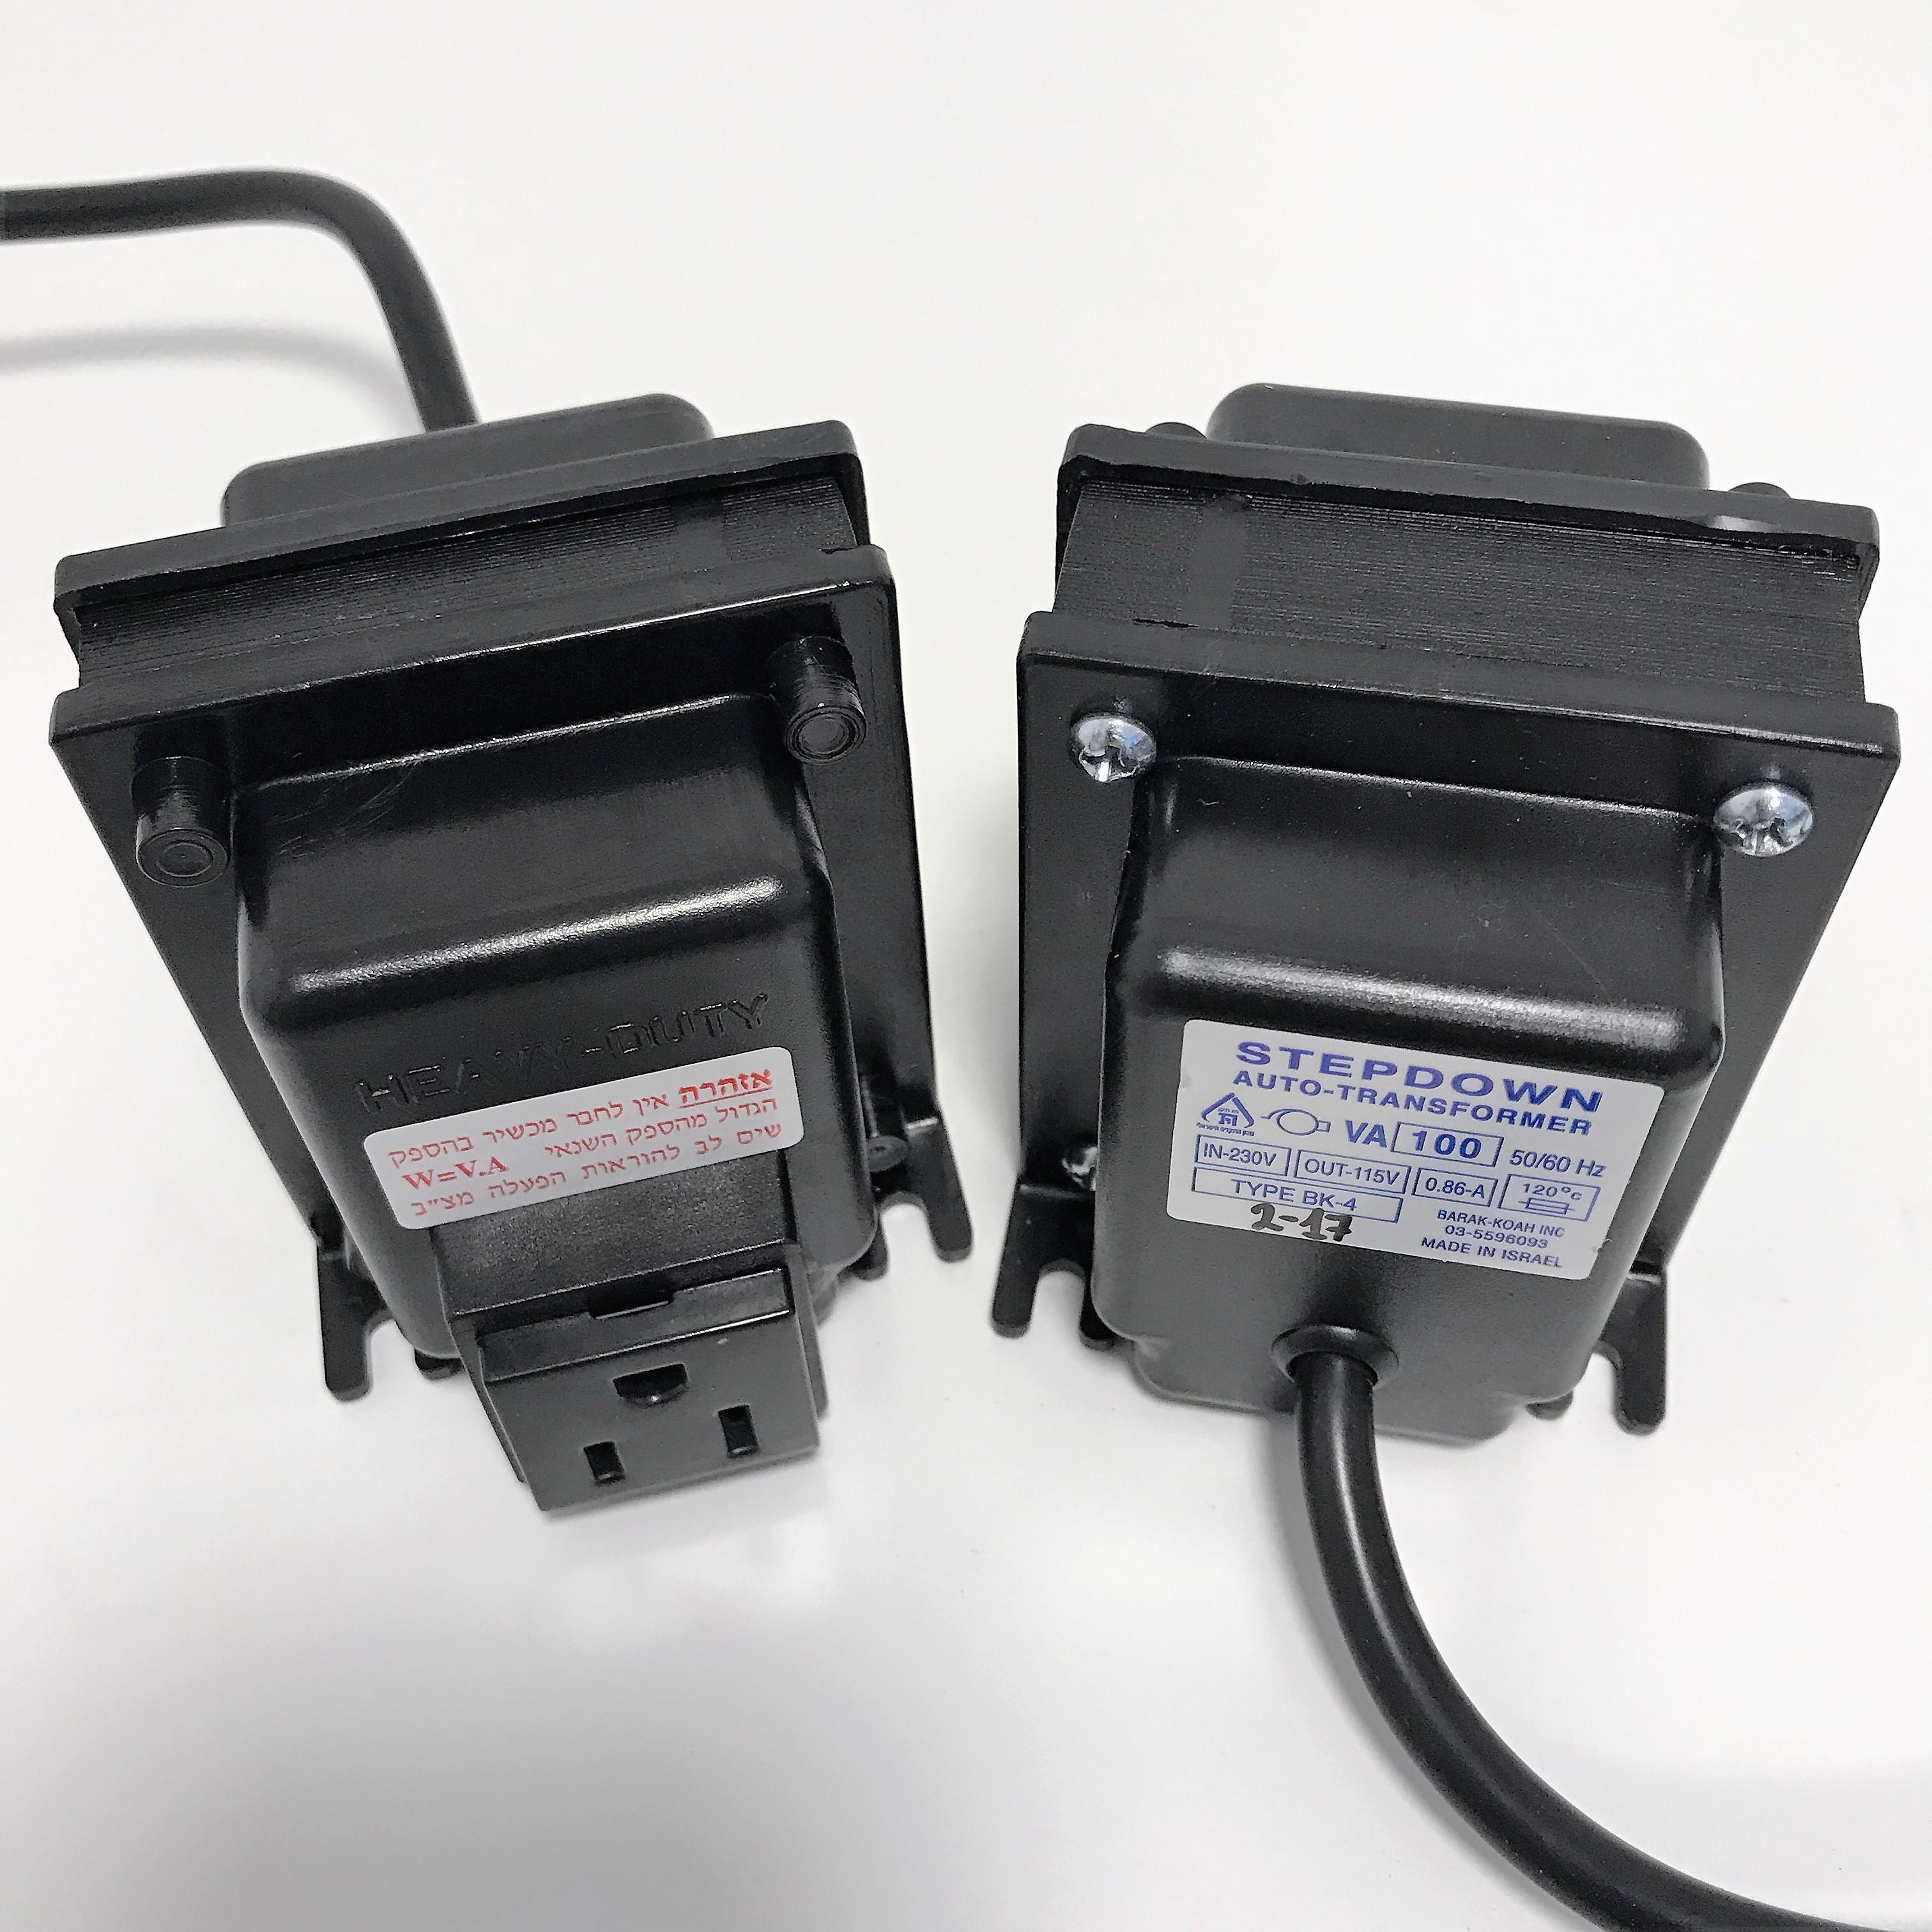 שנאי אוטוטרפו בהספק 250VA (למכשיר אמריקאי 115V)